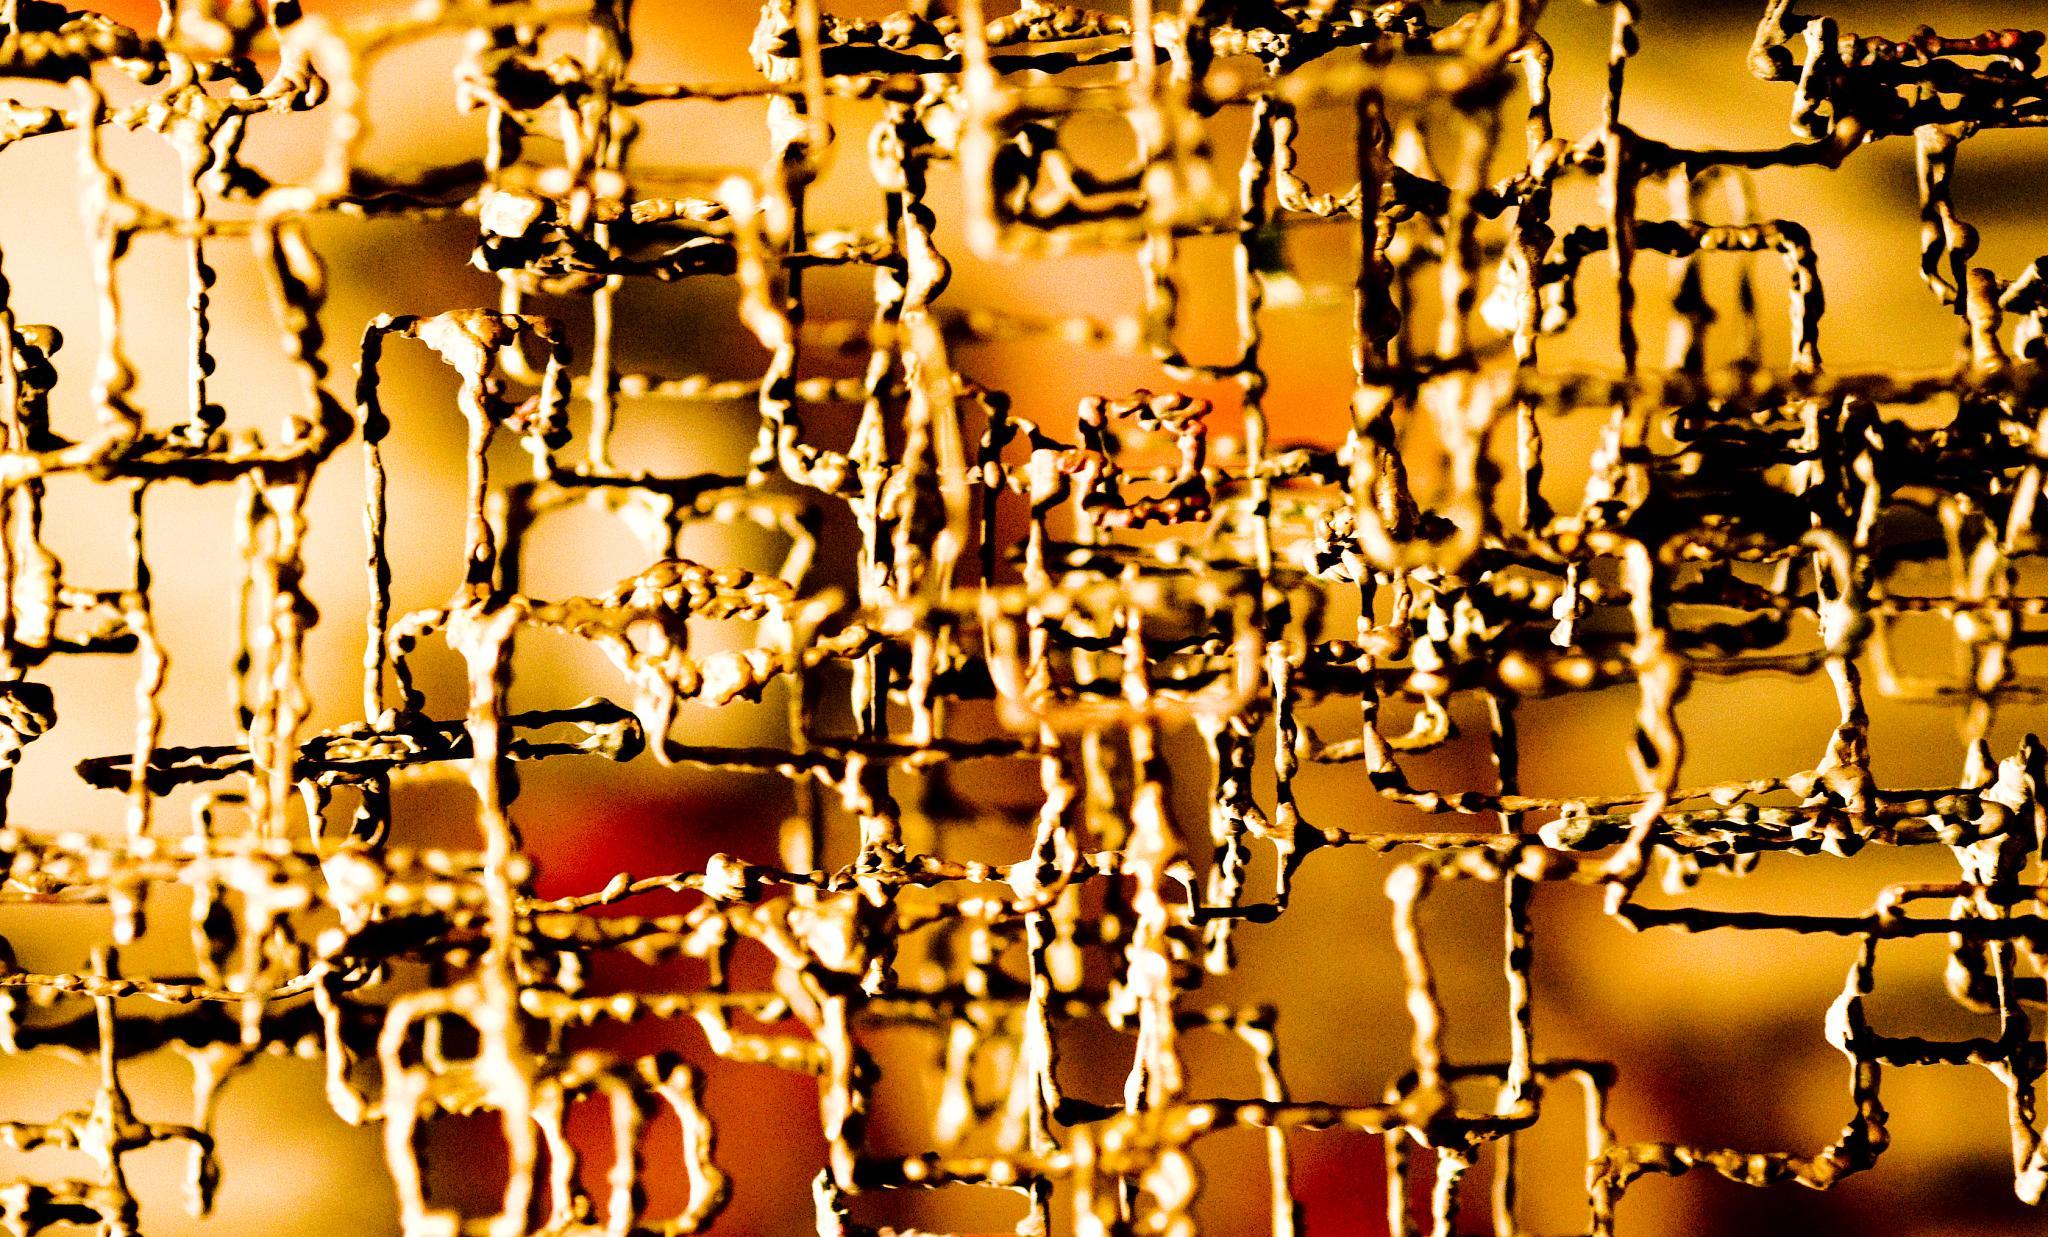 Hintergrundbilder : abstrakt, Kunstwerk, Metall, Skulptur, USA ...